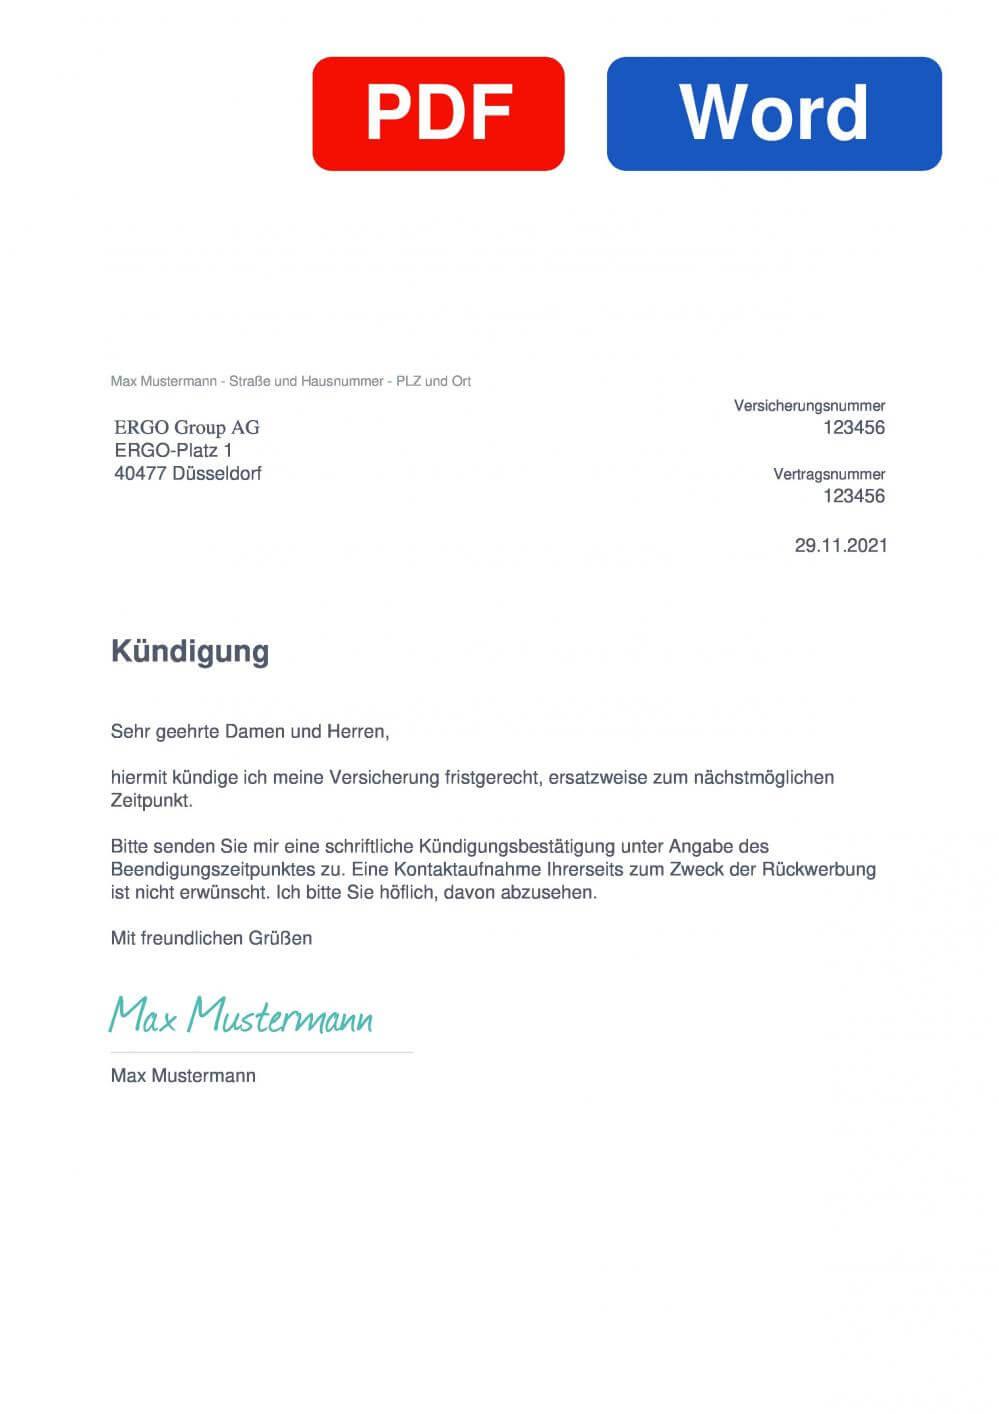 ERGO Wohngebäudeversicherung Muster Vorlage für Kündigungsschreiben